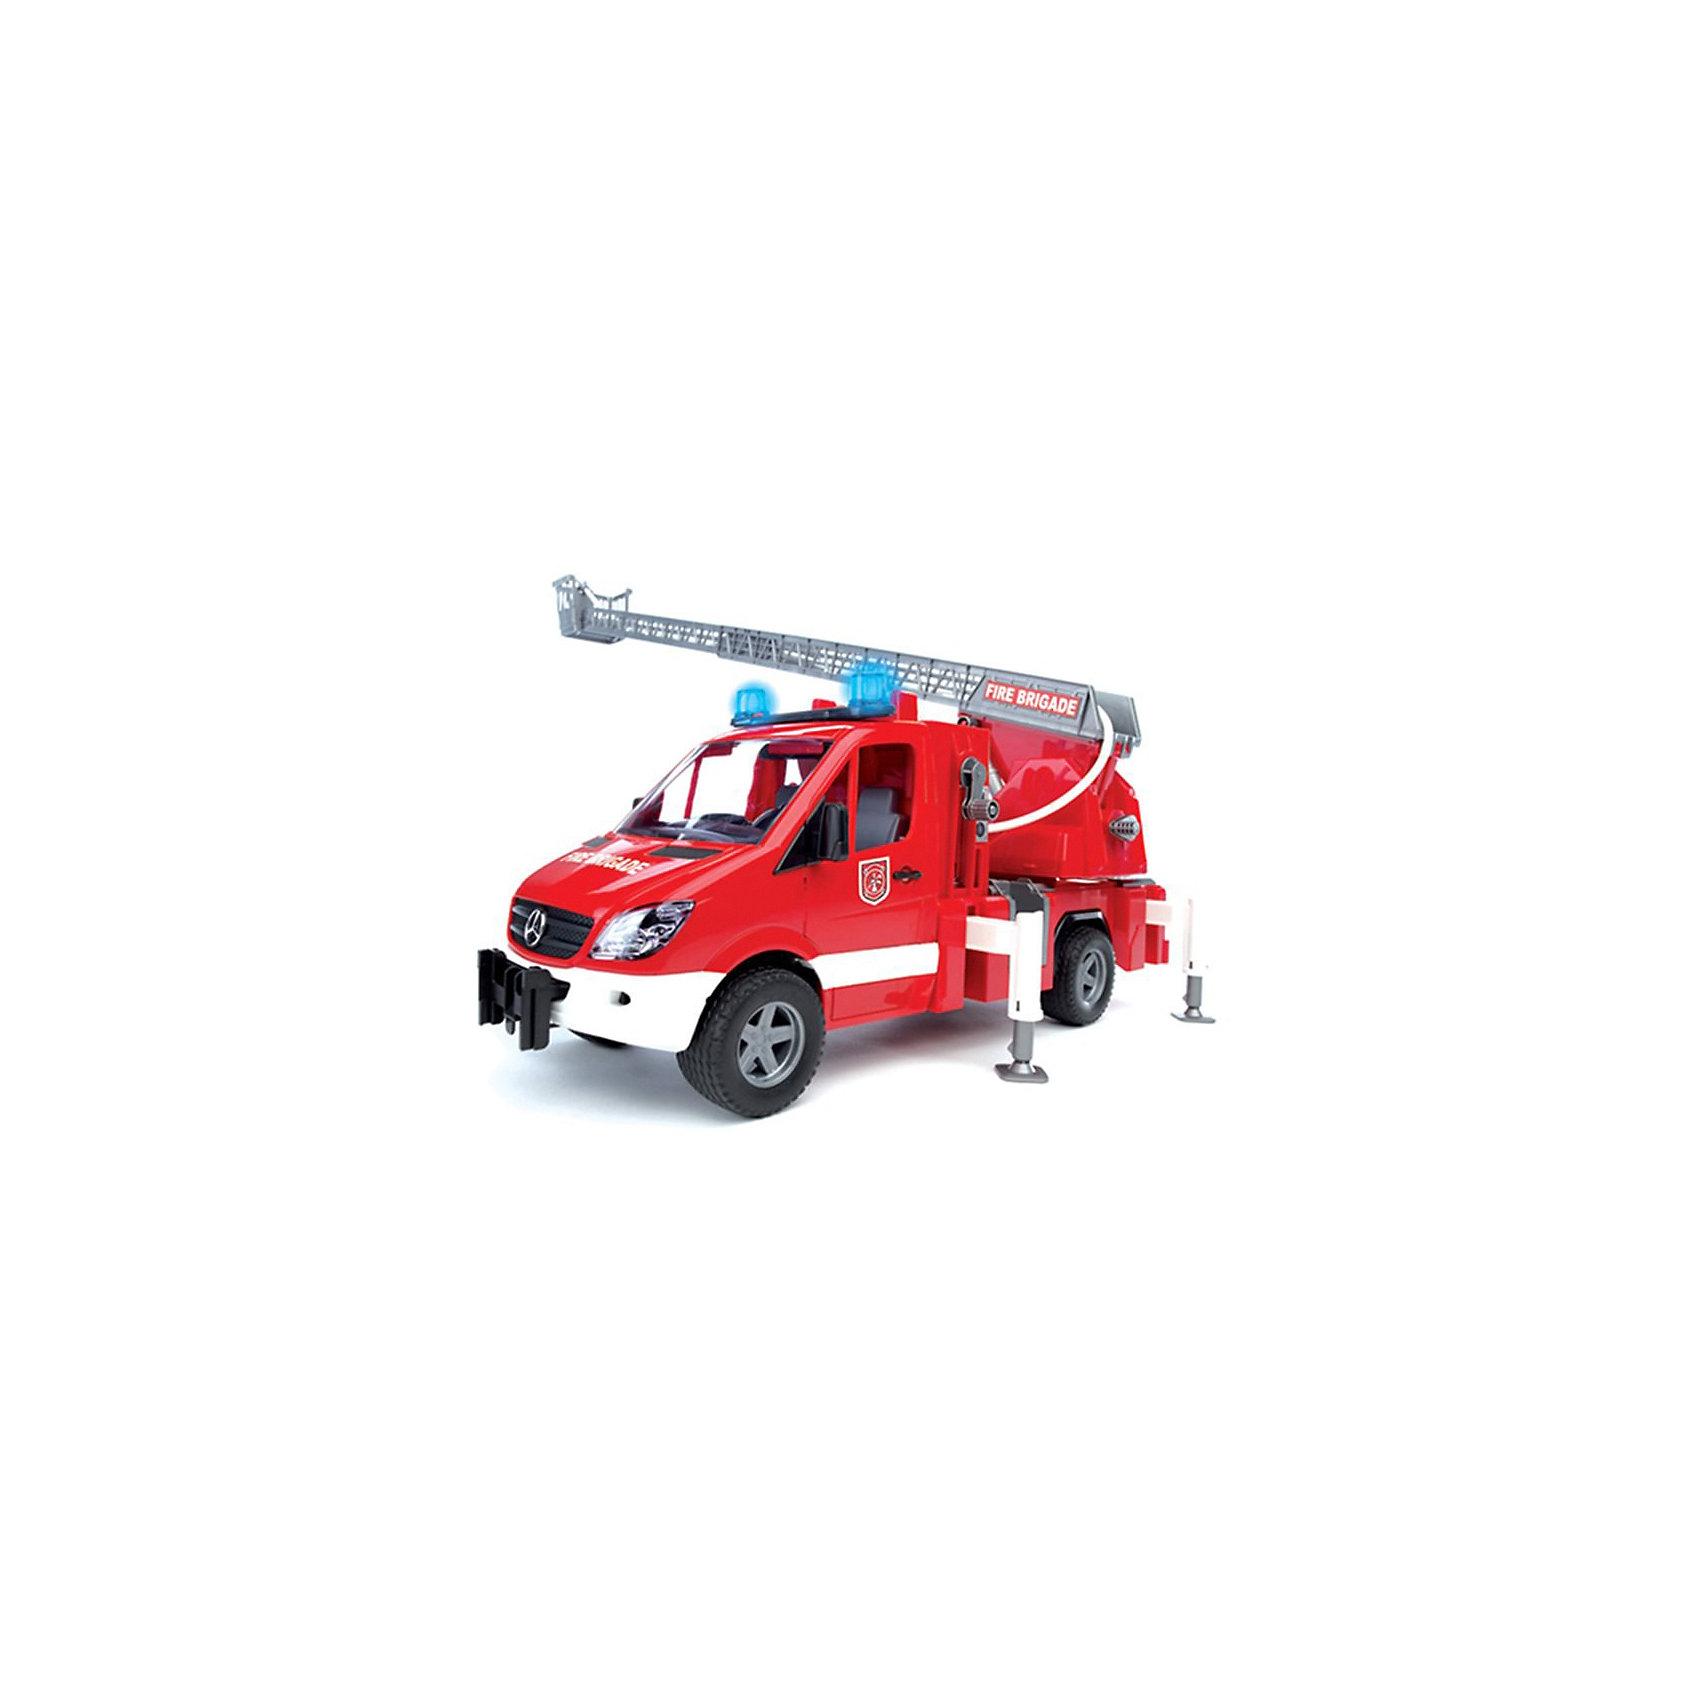 Пожарная машина с лестницей и помпой, звук. и свет. эффекты,  BruderПожарная машина MB Sprinter с лестницей и помпой, со световыми и звуковыми эффектами от Bruder (Брудер) - превосходная игрушка для сюжетно-ролевых игр, где ребёнок знакомится с реальной профессиональной техникой, узнаёт особенности ее строения и способы использования. <br><br>Машина оснащена выдвижной лестницей с корзиной для пожарного на подвижной платформе, длина стрелы 70 см, поднимается вращением рукоятки. На кузове размещается специальный резервуар, куда заливается вода и при помощи ручного водяного насоса разбрызгивается из брандспойта. Пожарная машина оборудована четырьмя опорами для устойчивости, и пожарным рукавом (который намотан на катушку).<br> <br>Кабина с прозрачным стеклом из пластика оснащена двумя креслами, вращающимся рулем и декоративными рычагами управления. Двери кабины открываются.<br><br>Сверху кабины располагается модуль со звуковыми и световыми эффектами (двумя типами сирен, звуком работающего мотора и мигалки). Каждый звуковой и световой эффект работает в течение 18 секунд и потом отключается.<br><br>Колёса машины прорезинены.<br><br>Дополнительная информация:<br><br>- Материал: высококачественная пластмасса, металл. <br>- Требуются батарейки: 2* типа ААА (входят в комплект).<br>- Размер машины: 45 х 22 х 17,2 см.<br>- Размер упаковки: 51 х 22,2 х 26 см.<br>- Вес: 1,88 кг.<br><br>Игровая техника Брудер развивает у ребенка логическое мышление и воображение, мелкую моторику, зрительное восприятие и память.<br><br>Пожарную машину MB Sprinter Bruder можно купить в нашем интернет-магазине.<br><br>Ширина мм: 520<br>Глубина мм: 270<br>Высота мм: 200<br>Вес г: 1909<br>Возраст от месяцев: 36<br>Возраст до месяцев: 96<br>Пол: Мужской<br>Возраст: Детский<br>SKU: 1792020